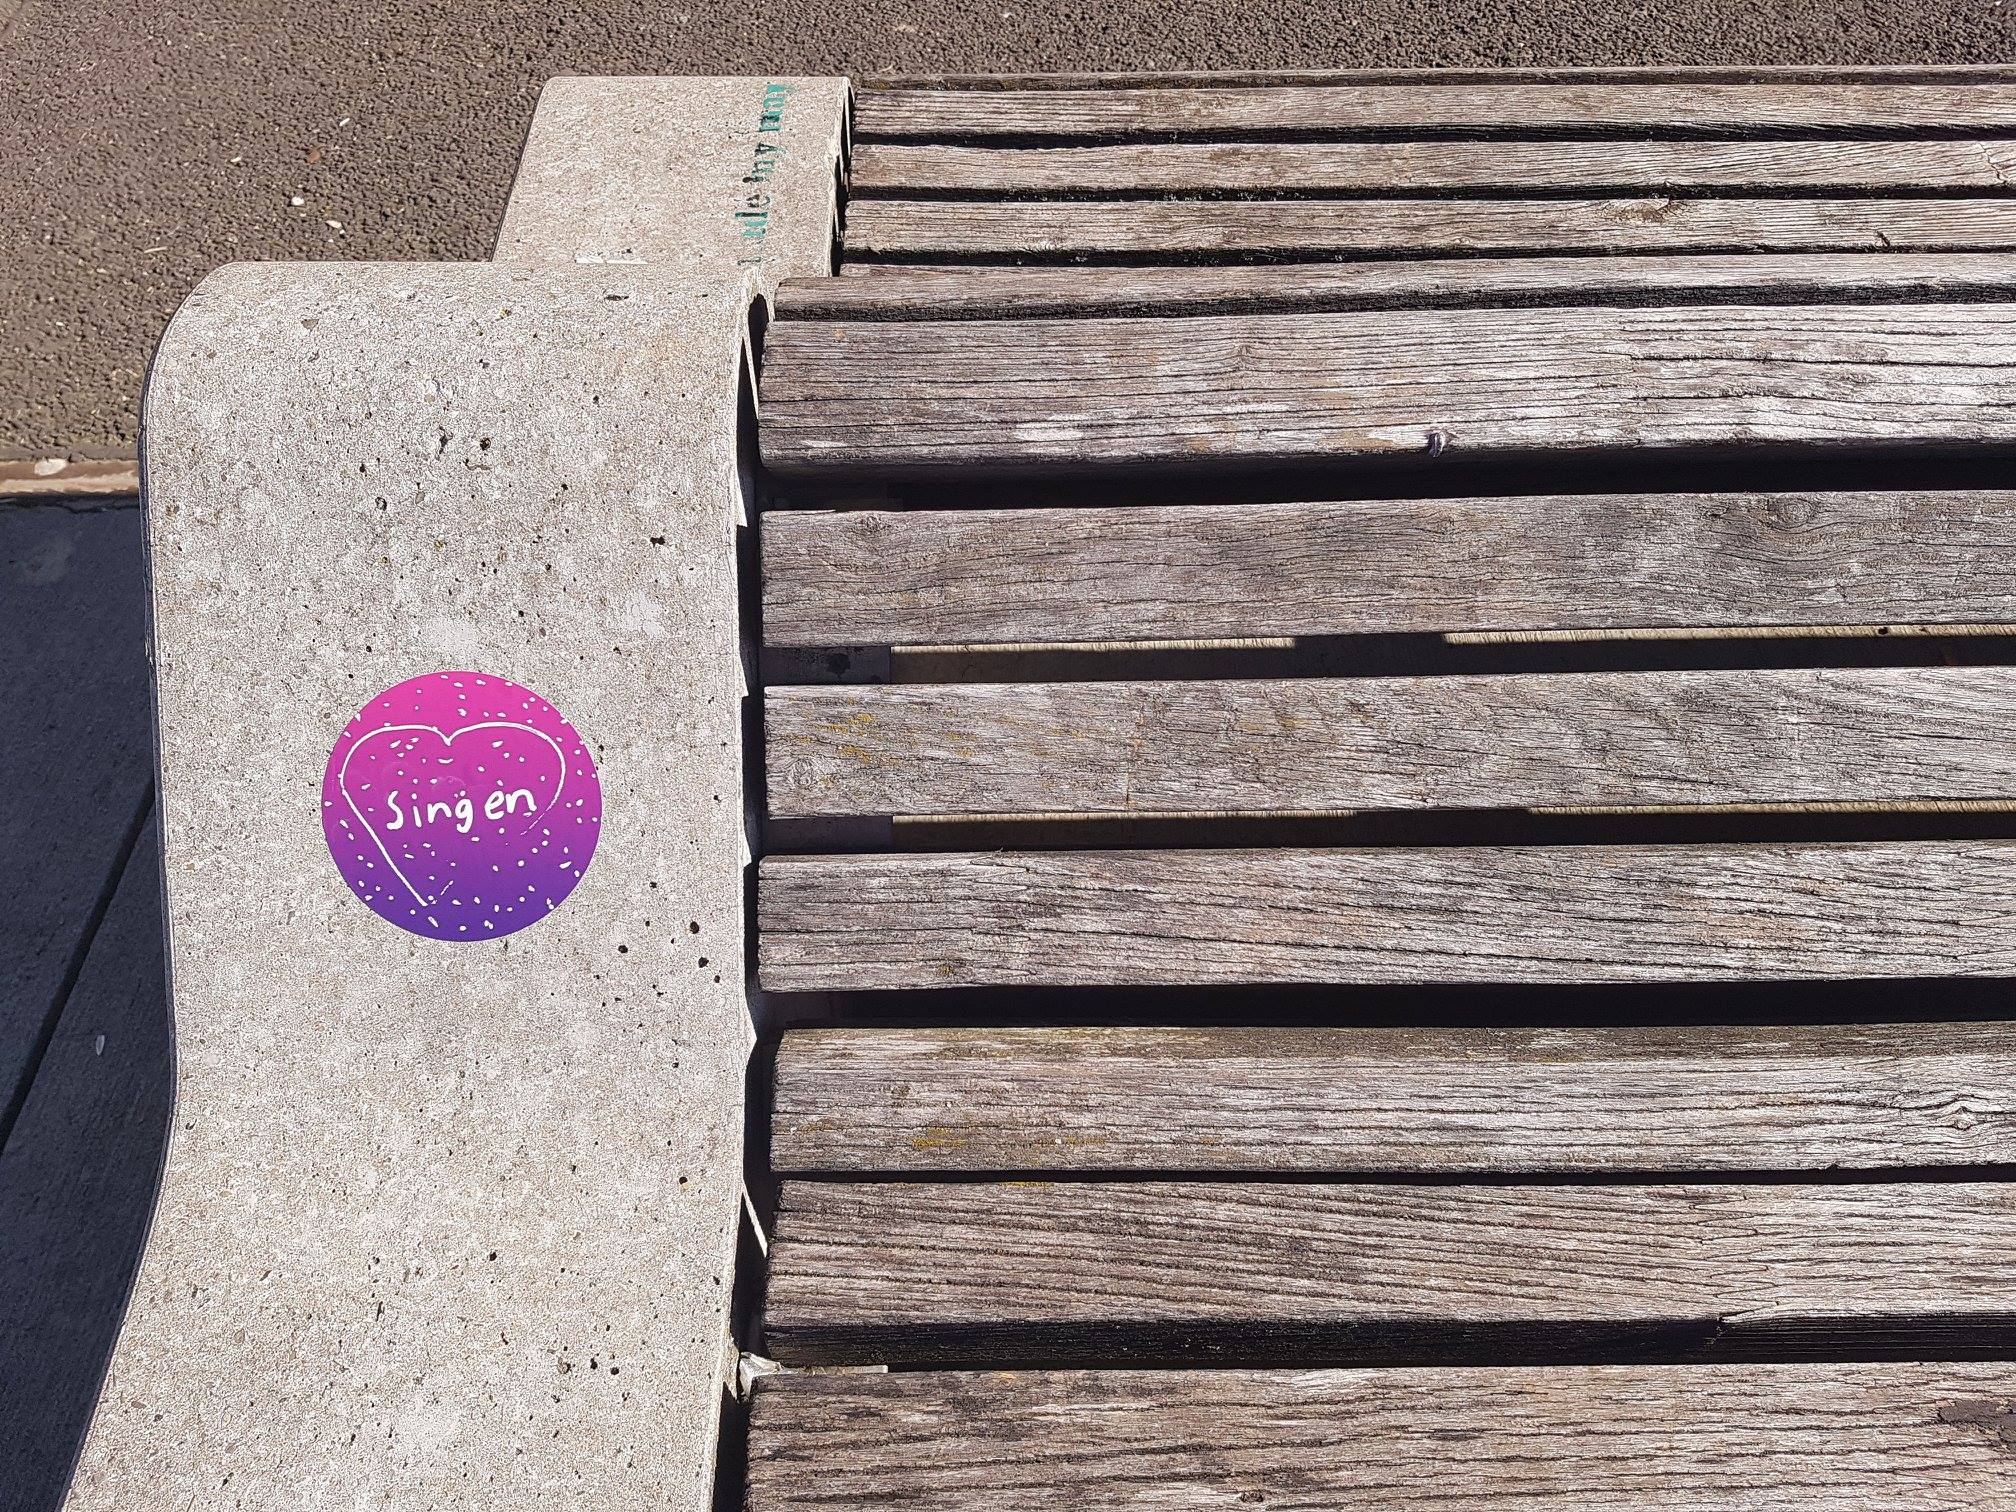 """Ein pinker Aufkleber mit der Aufschrift """"Singen"""" klebt auf einer Bank in der Sonne."""